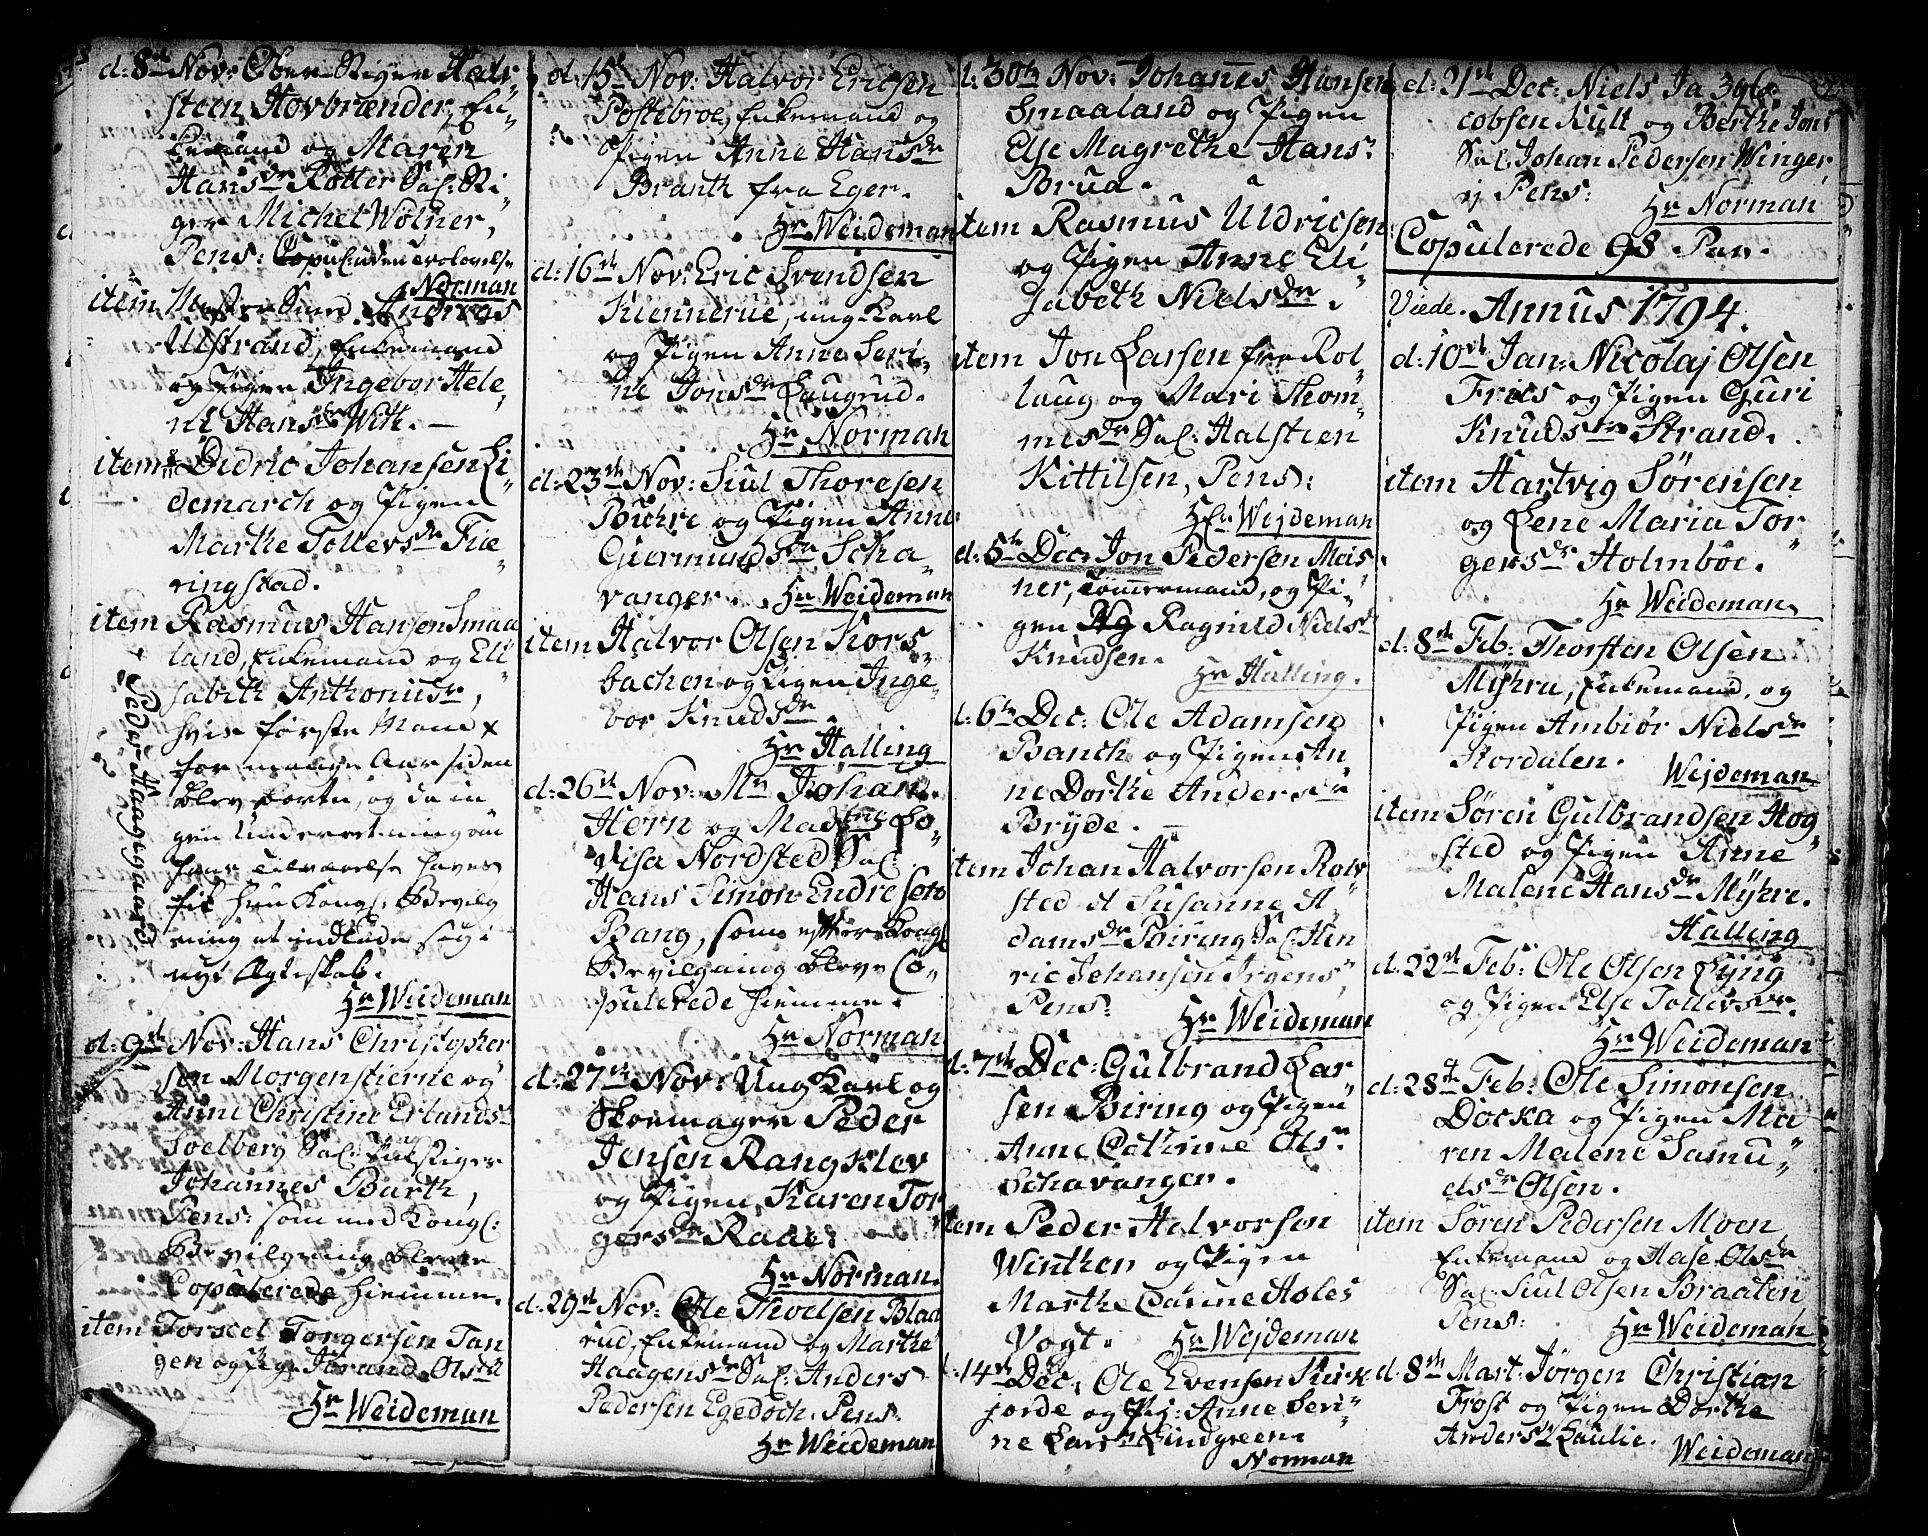 SAKO, Kongsberg kirkebøker, F/Fa/L0006: Ministerialbok nr. I 6, 1783-1797, s. 396